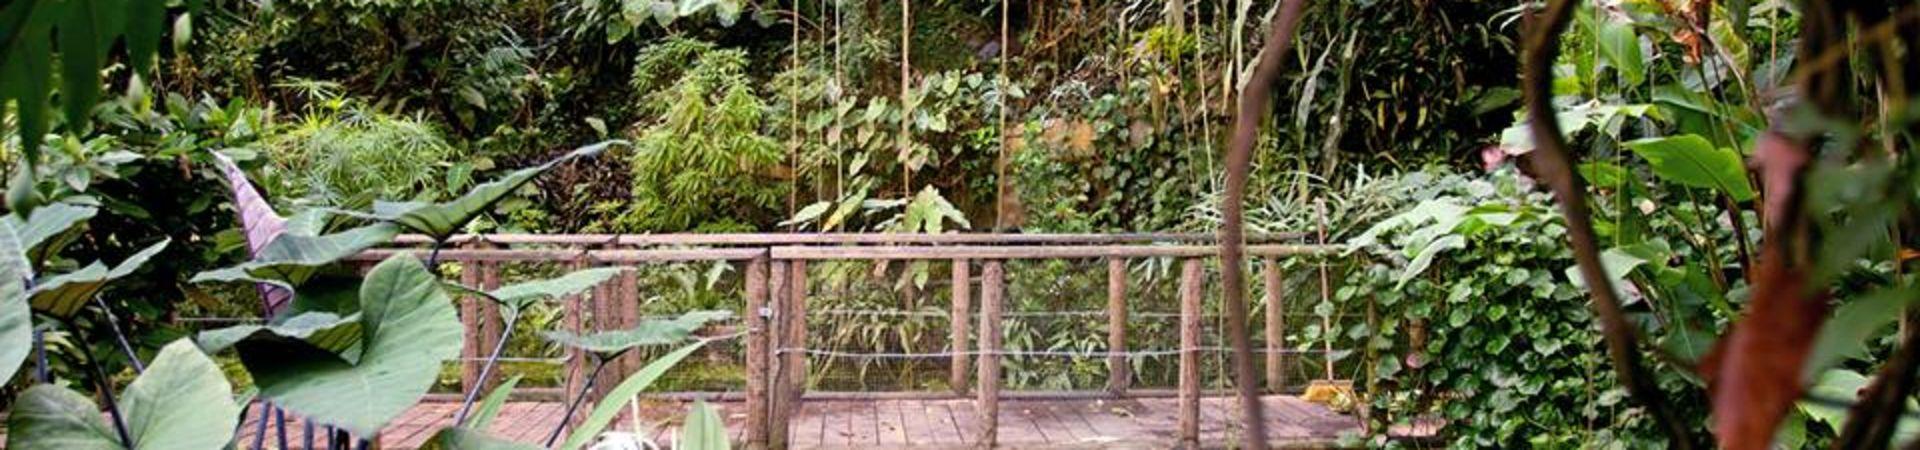 Botanická zahrada hl.m. Prahy - Tropický skleník Fata Morgana